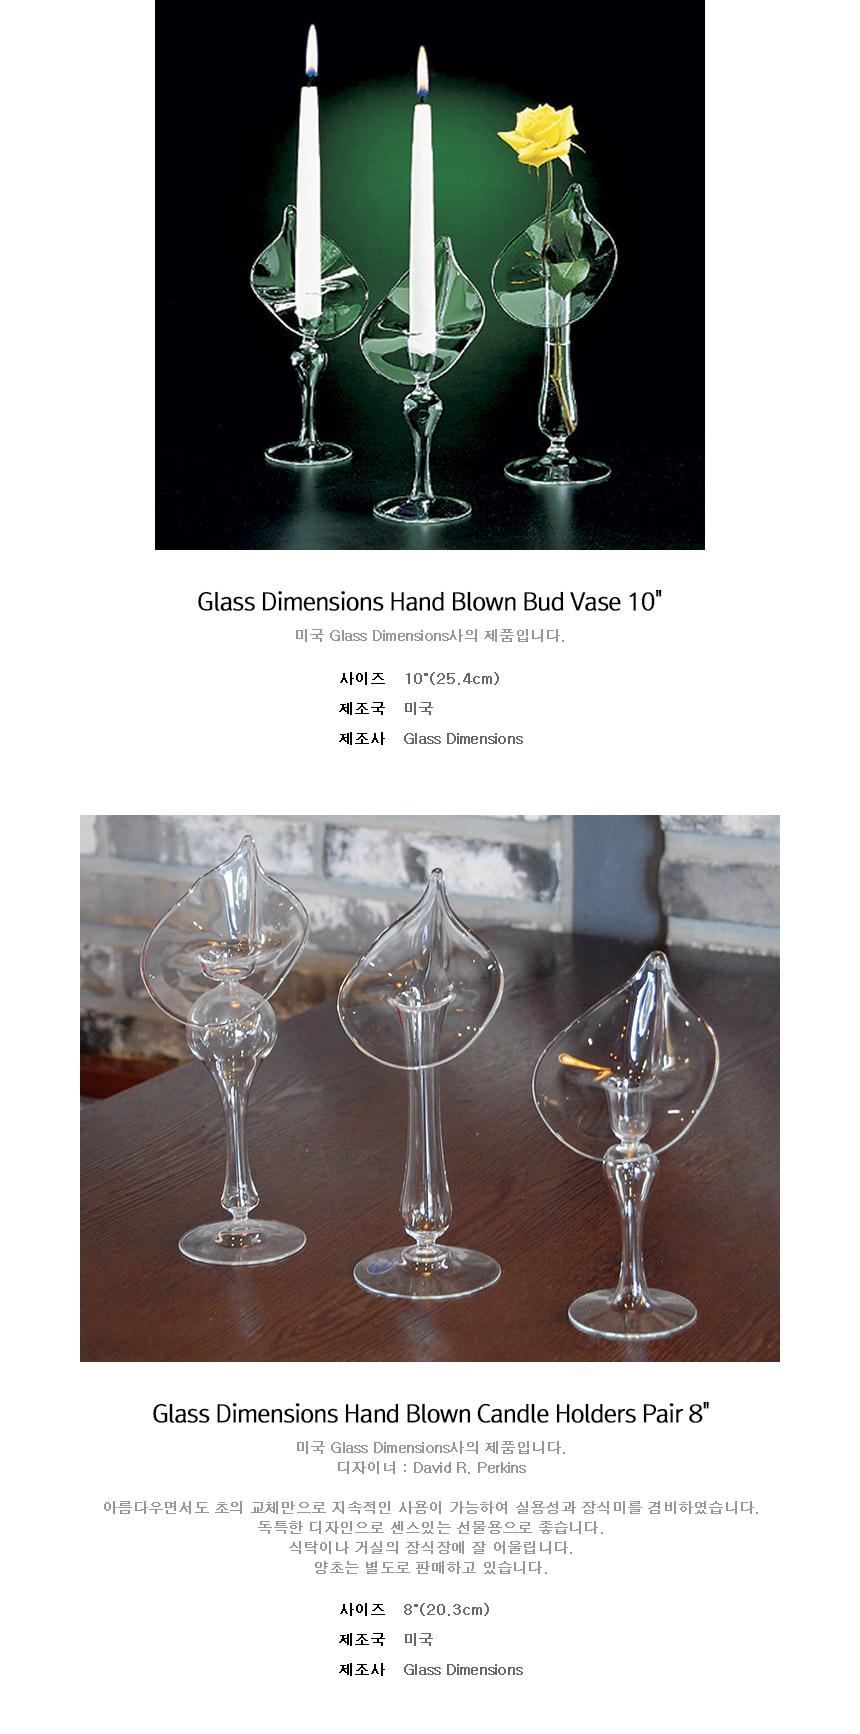 램프플러스 Glass Dimensions Hand Blown Bud Vase / Hand Blown Candle Holders Pair